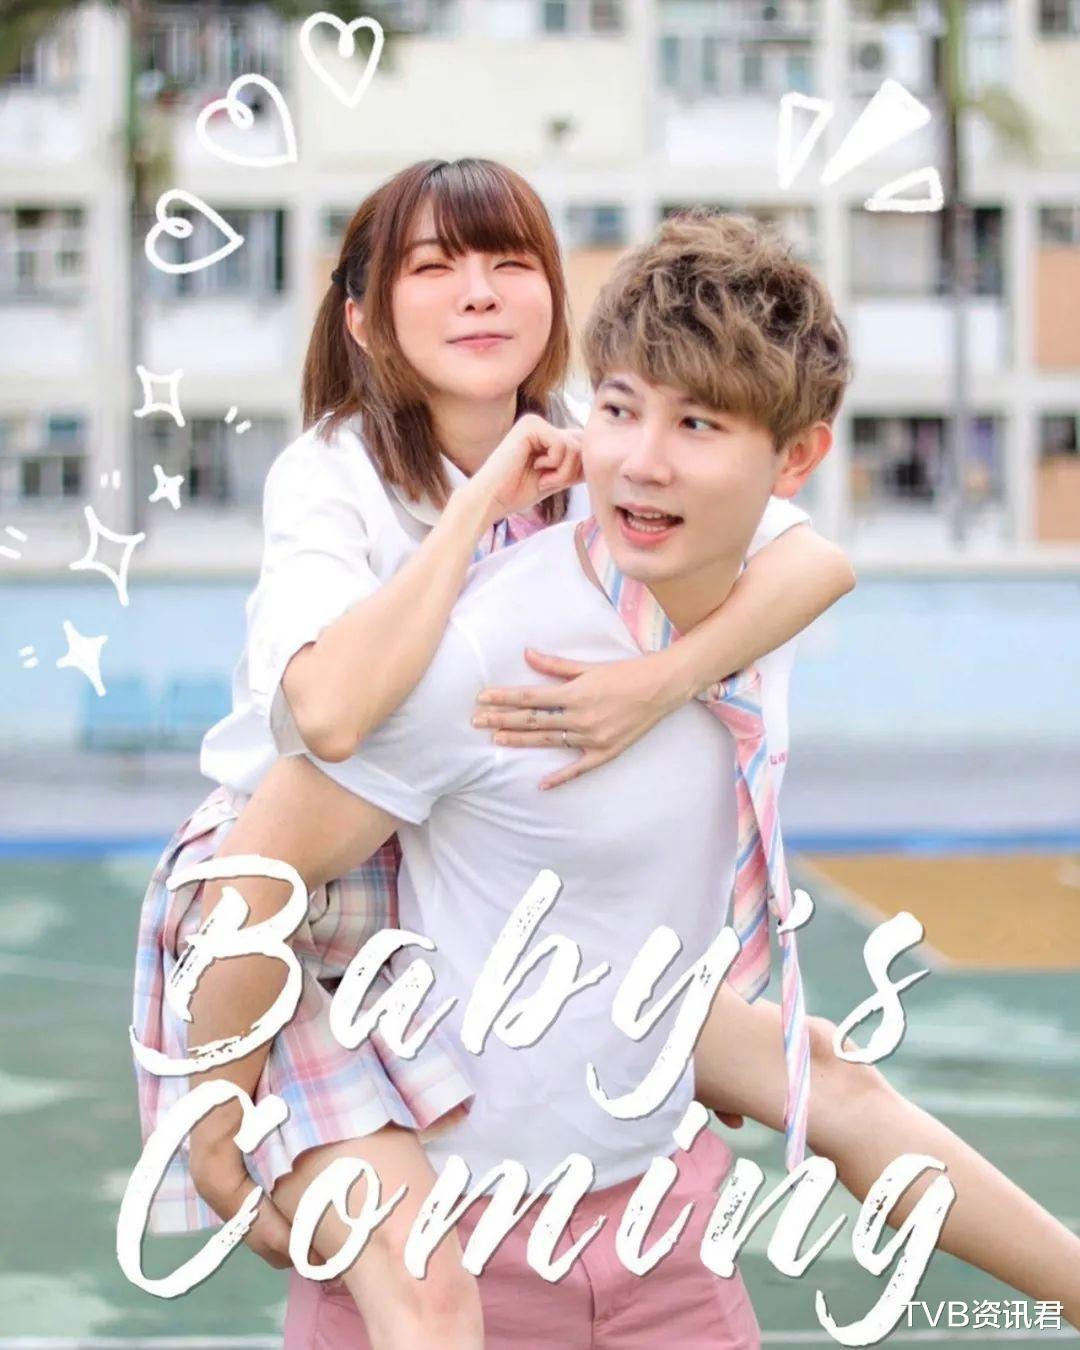 預產期將至!28歲香港知名女星曬照零孕味:大方透露今胎寶寶性別-圖2